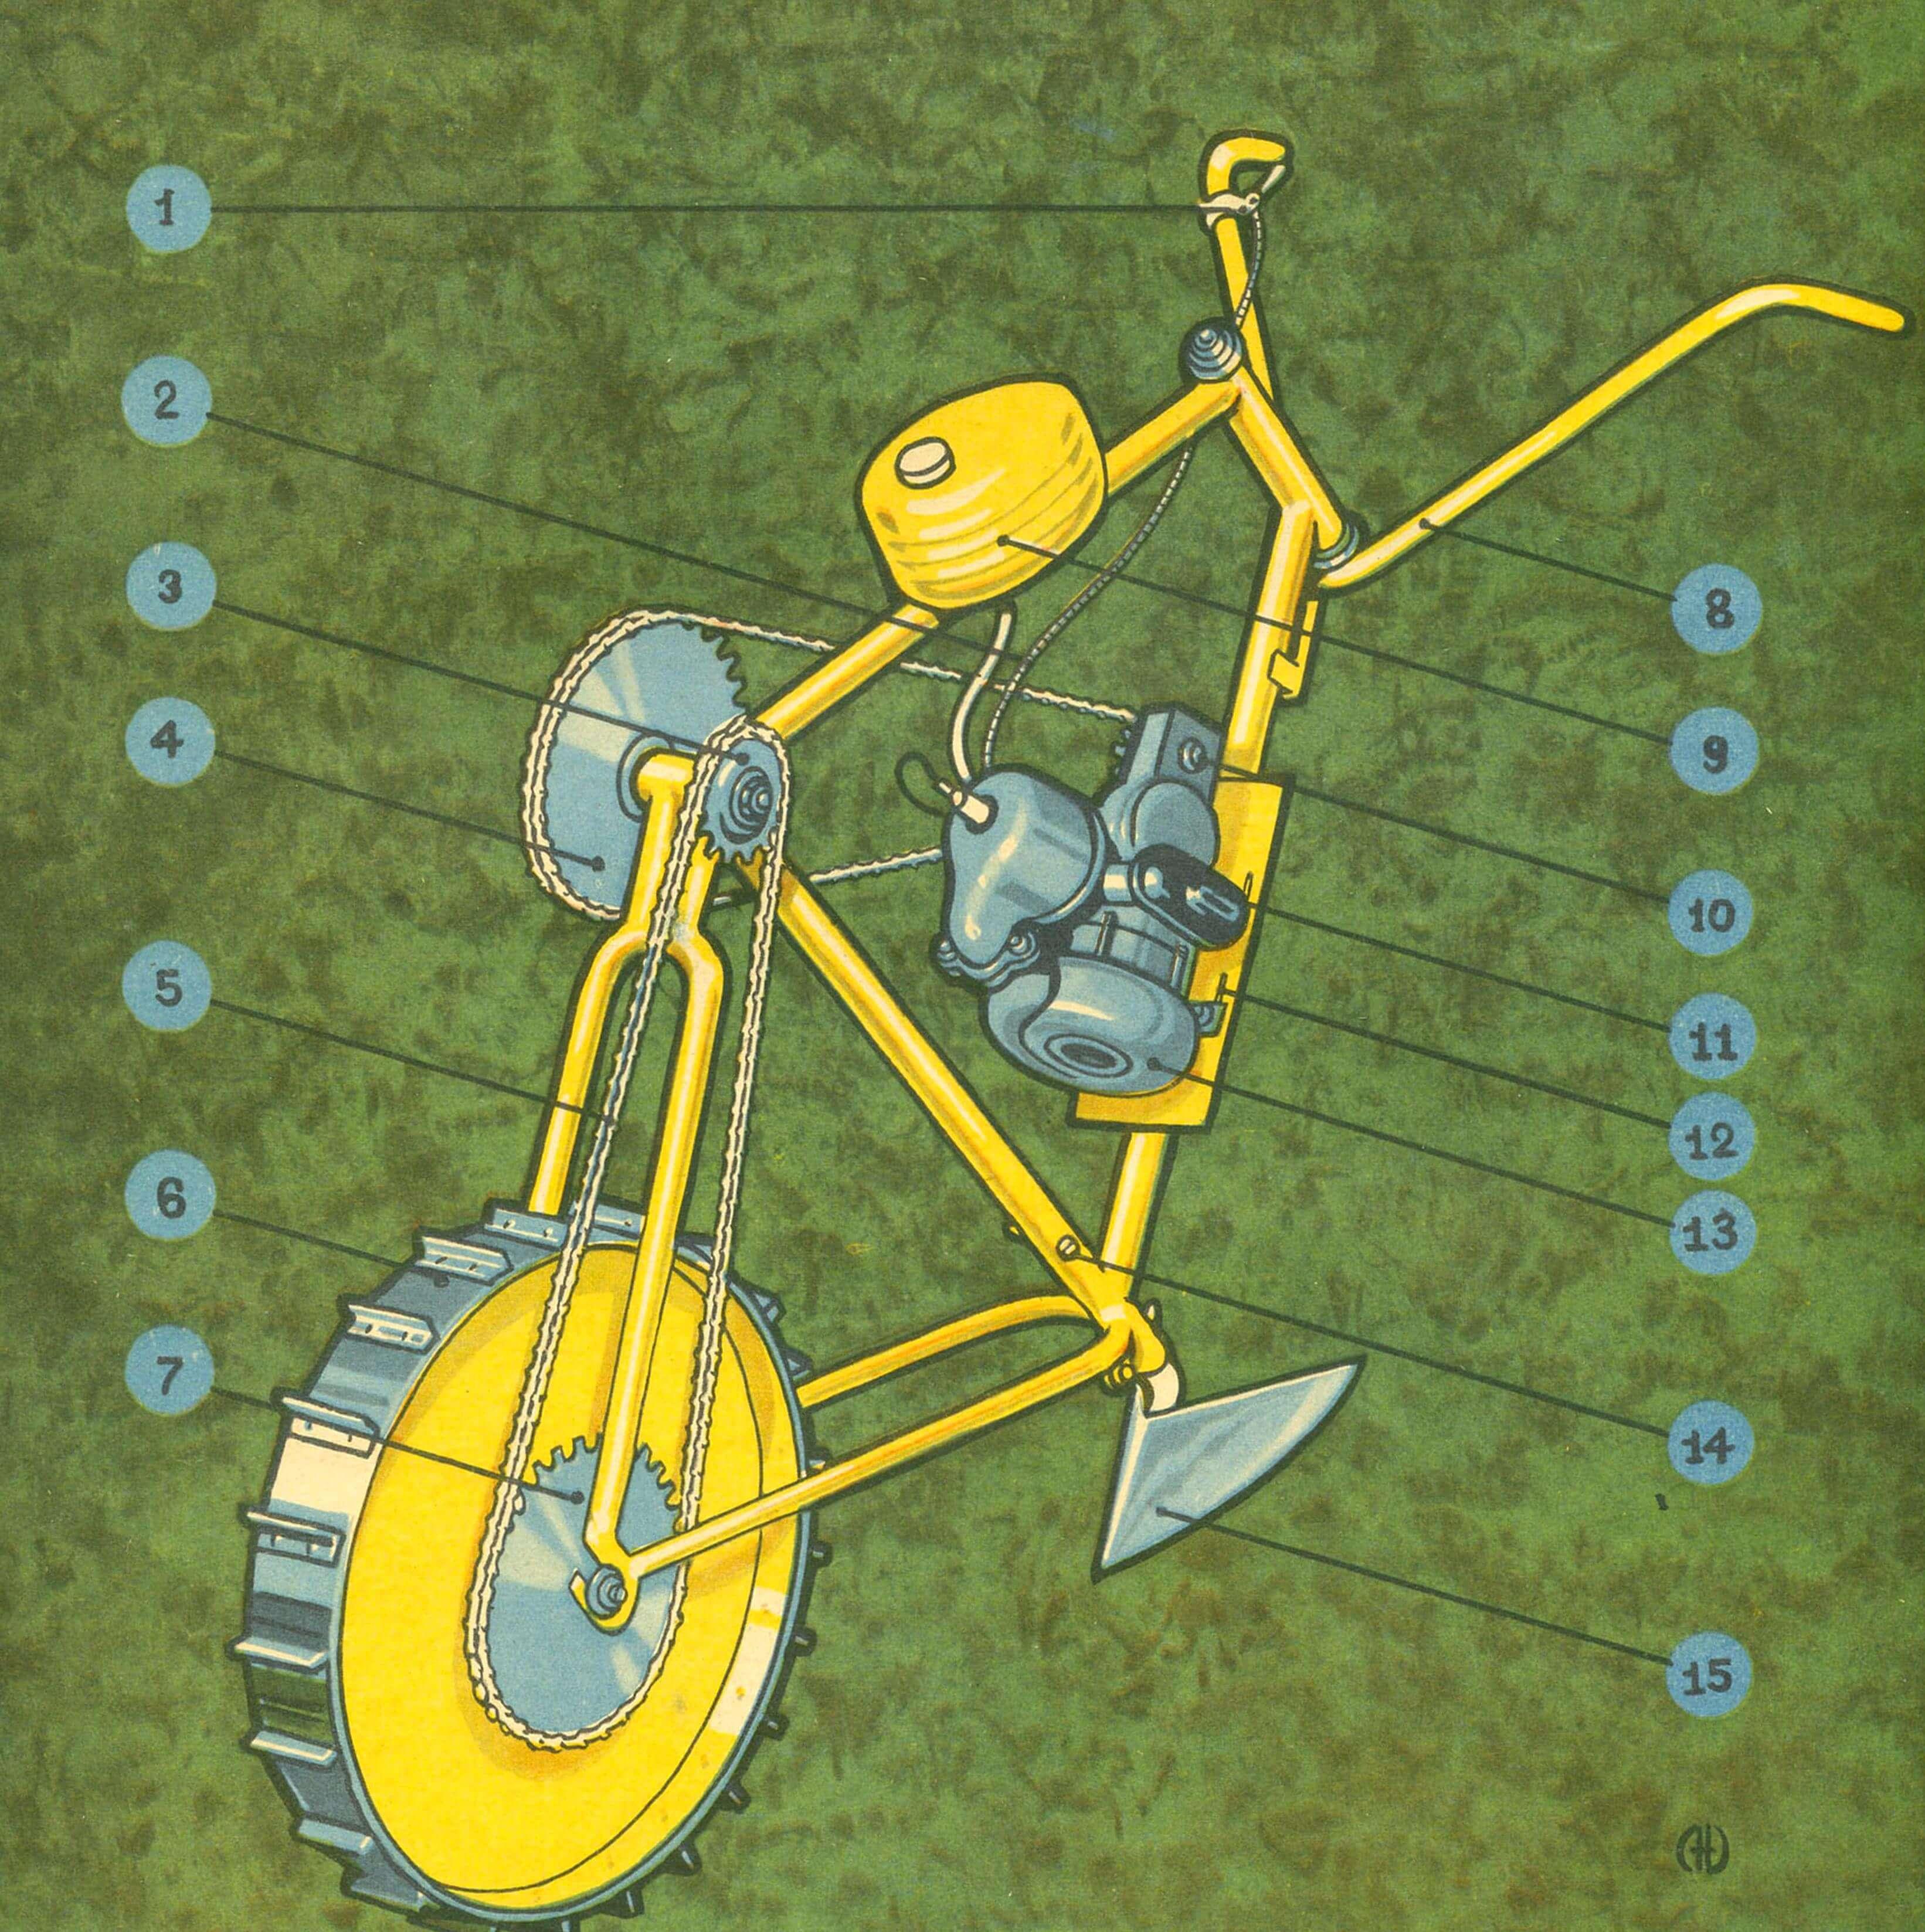 СВот основные узлы и агрегаты мотоплуга: 1 — рычаг газа; 2 — трос газа; 3 — зубчатое колесо Z =15; 4—зубчатое колесо Z = 48; 5 — цепь; 6 — колесо с грунтозацепами; 7 — зубчатое колесо Z = 48; 8 — рукоятка управления; 9 — бензобак; 10 — редуктор; 11 — глушитель; 12 — паз для натяжки цепи; 13 — улитка вентилятора; 14 — стопорный палец; 15 — плужок-окучник.АМЫЙ МАЛЕНЬКИЙ МОТОПЛУГ